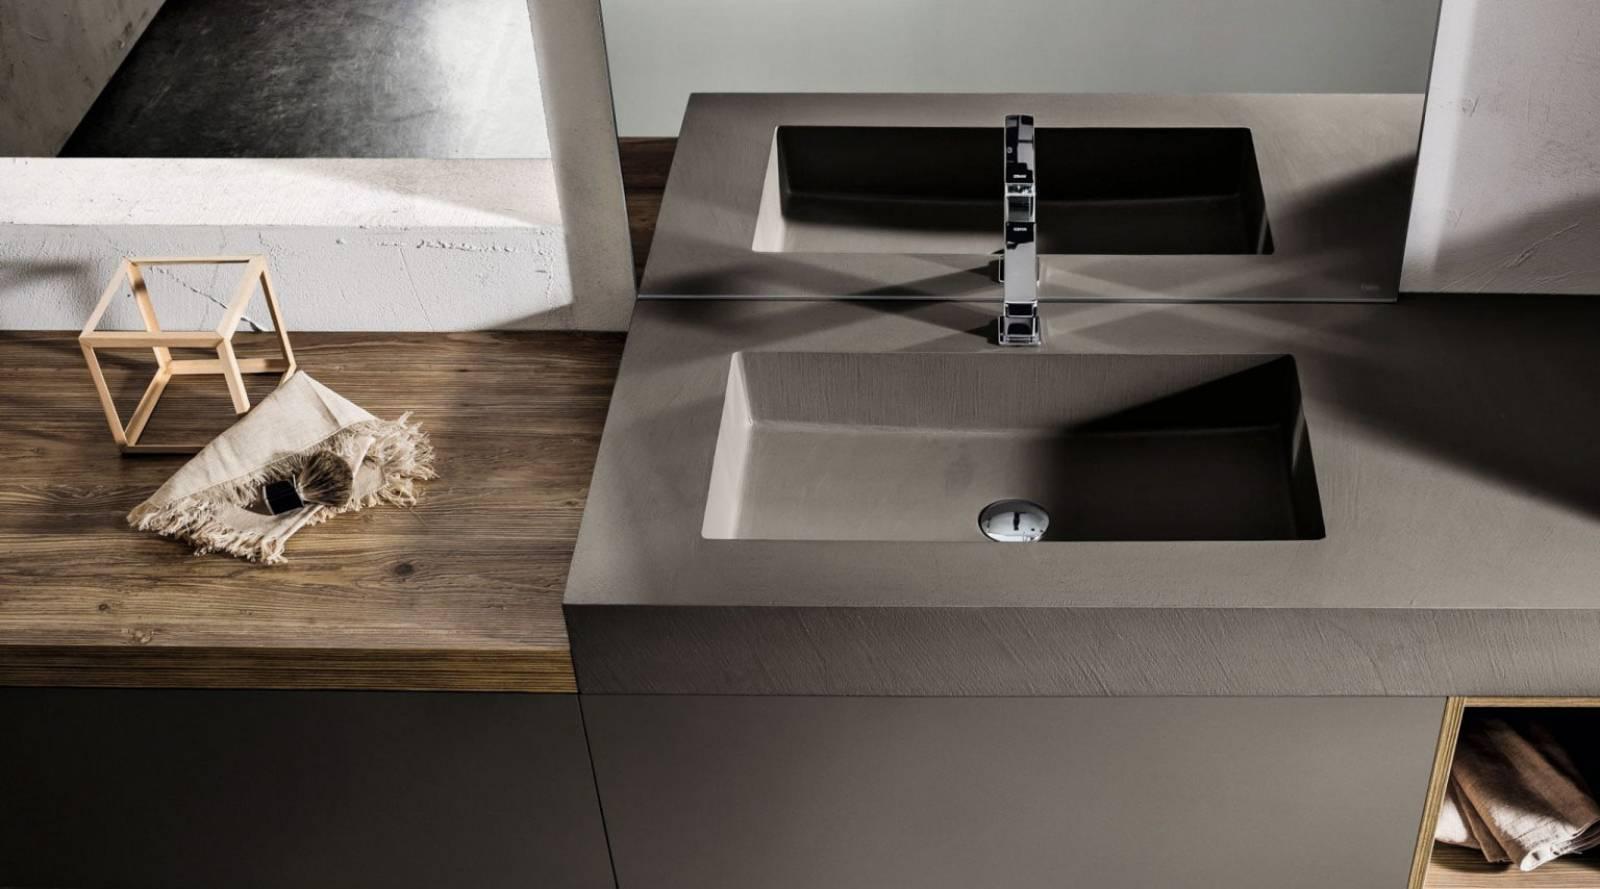 salle de bain moderne sur mesure montpellier carr d 39 eau. Black Bedroom Furniture Sets. Home Design Ideas